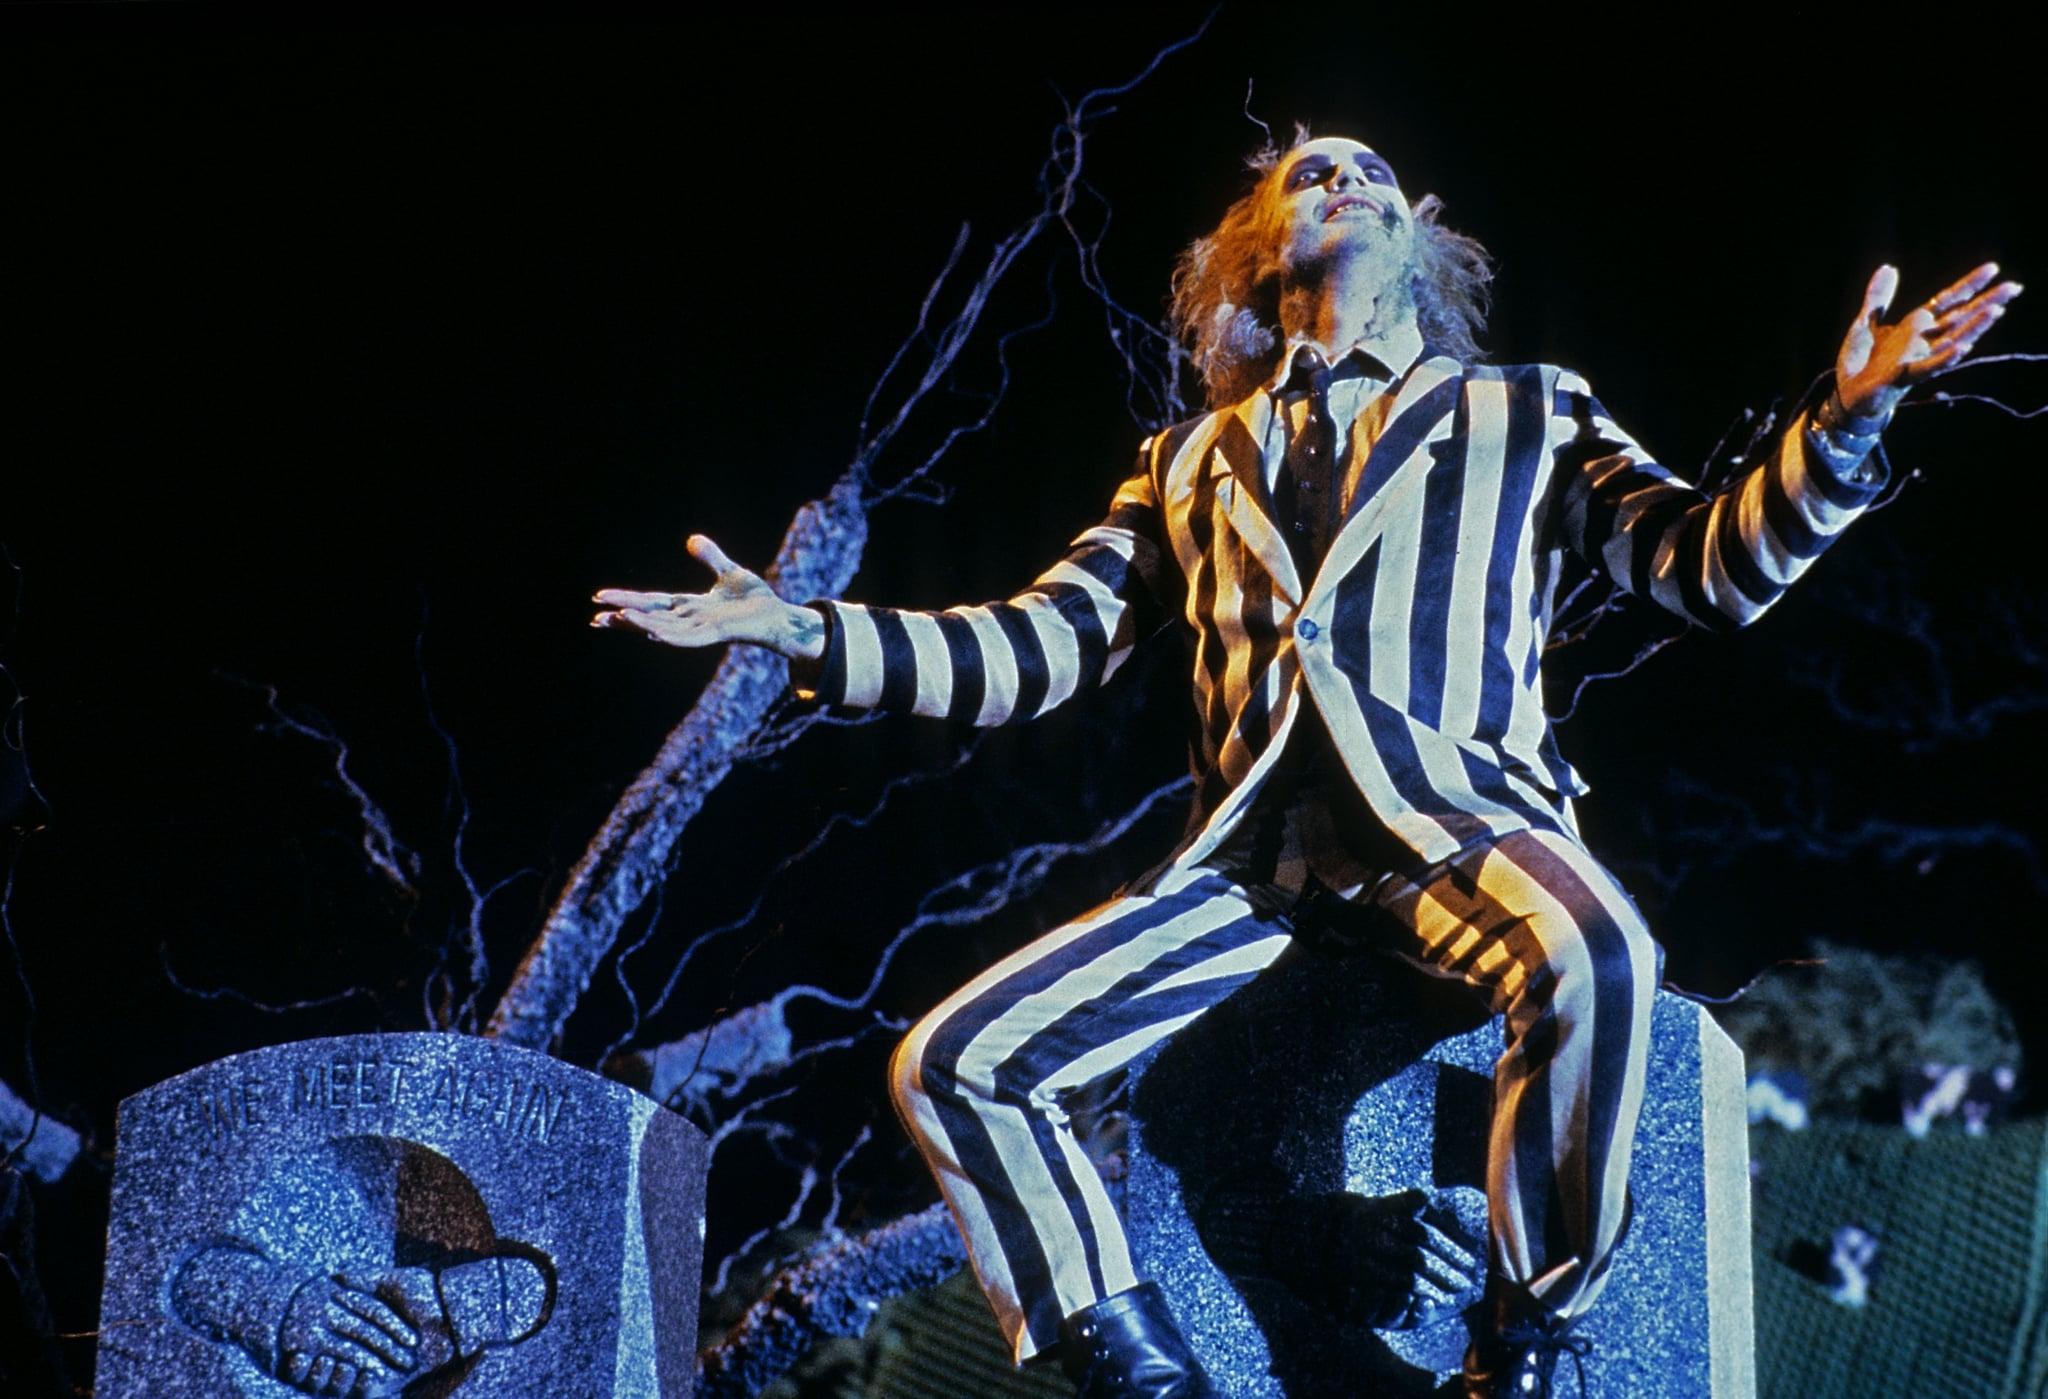 BEETLEJUICE, Michael Keaton, 1988